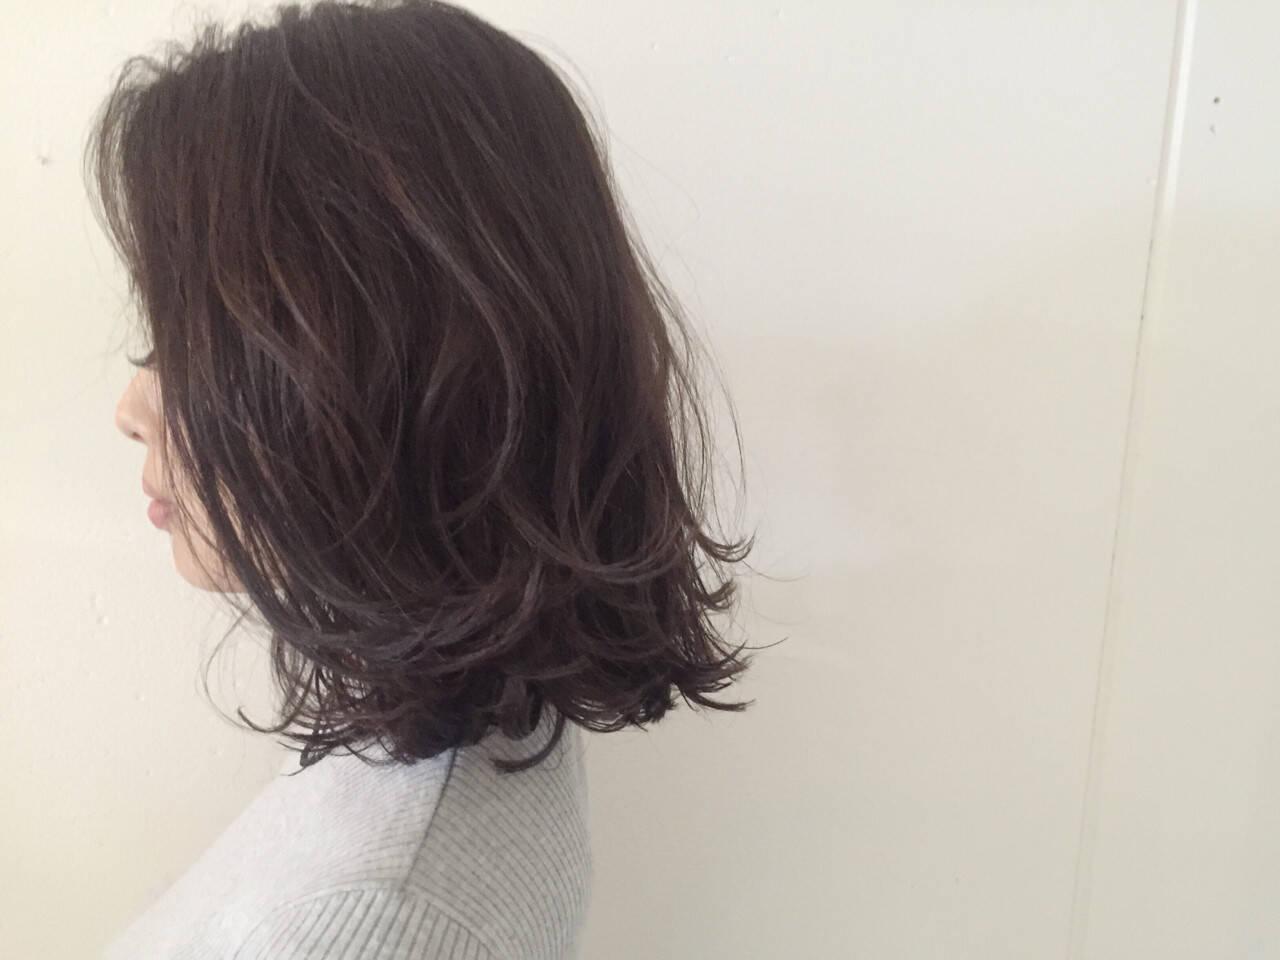 色気 グラデーションカラー ハイライト ボブヘアスタイルや髪型の写真・画像